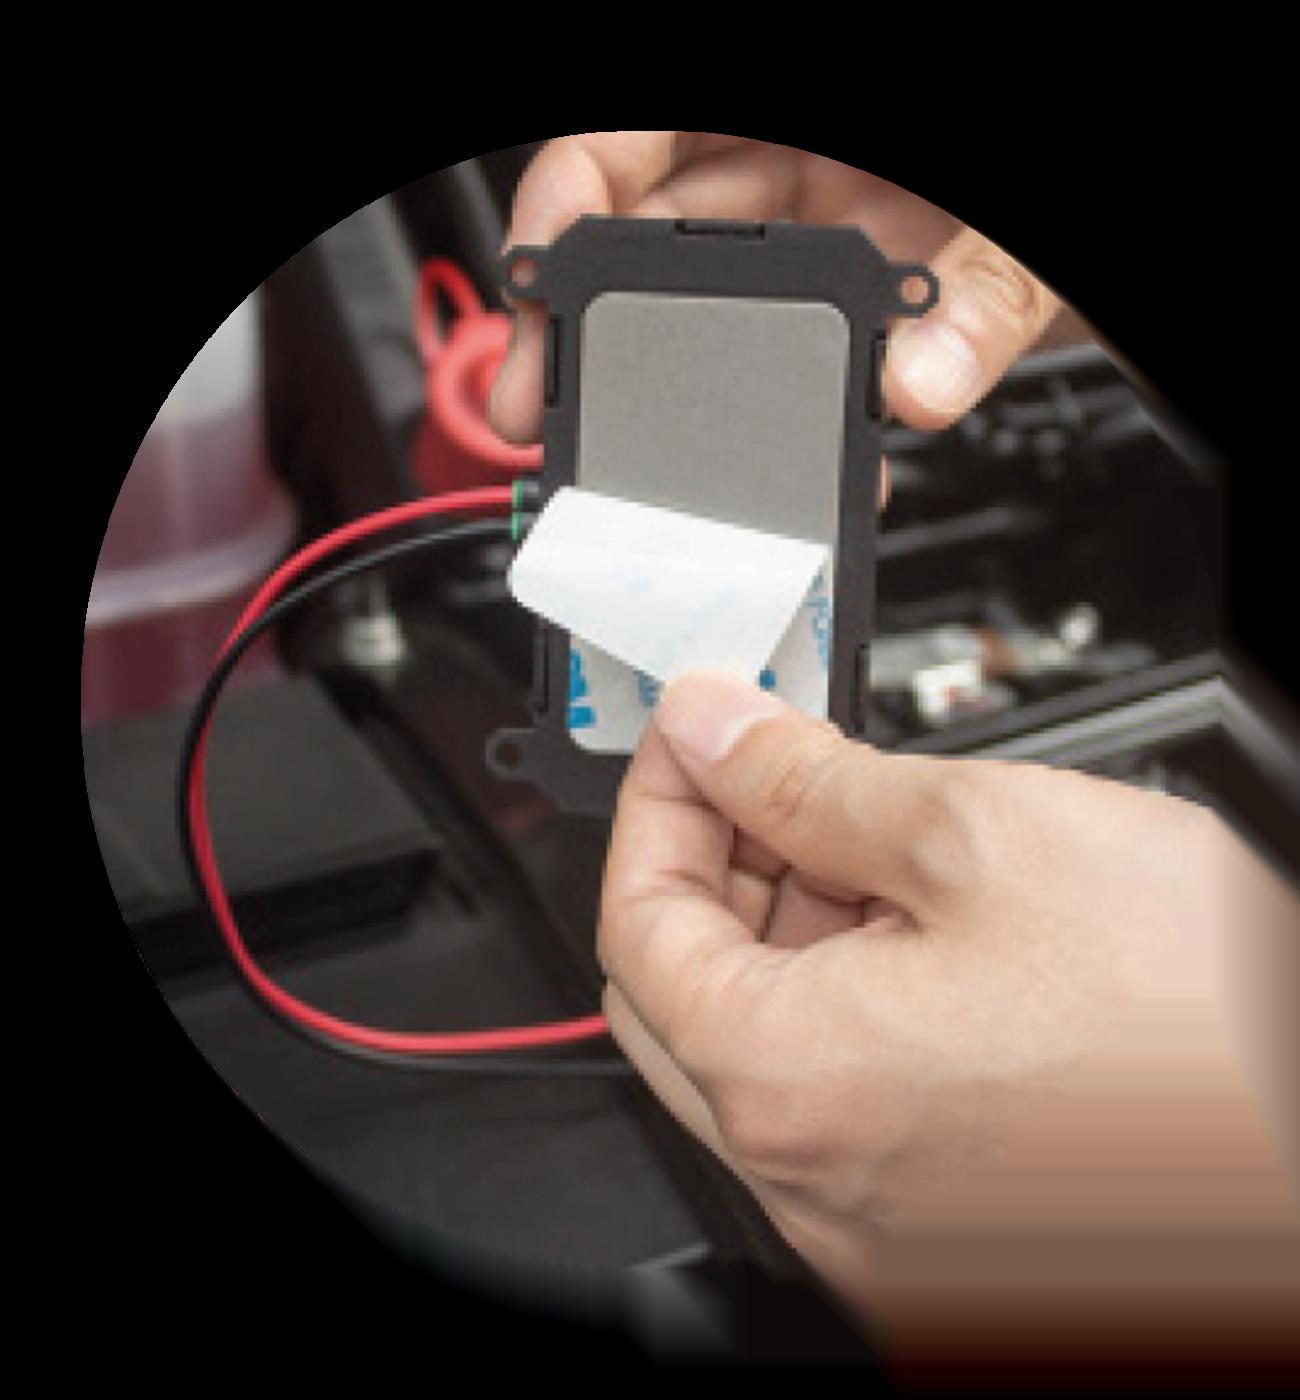 Anleitung Einbau Vehicle 1.0 schritt 1 1300x1400 - LP Einbau Vehicle Finder 1.0